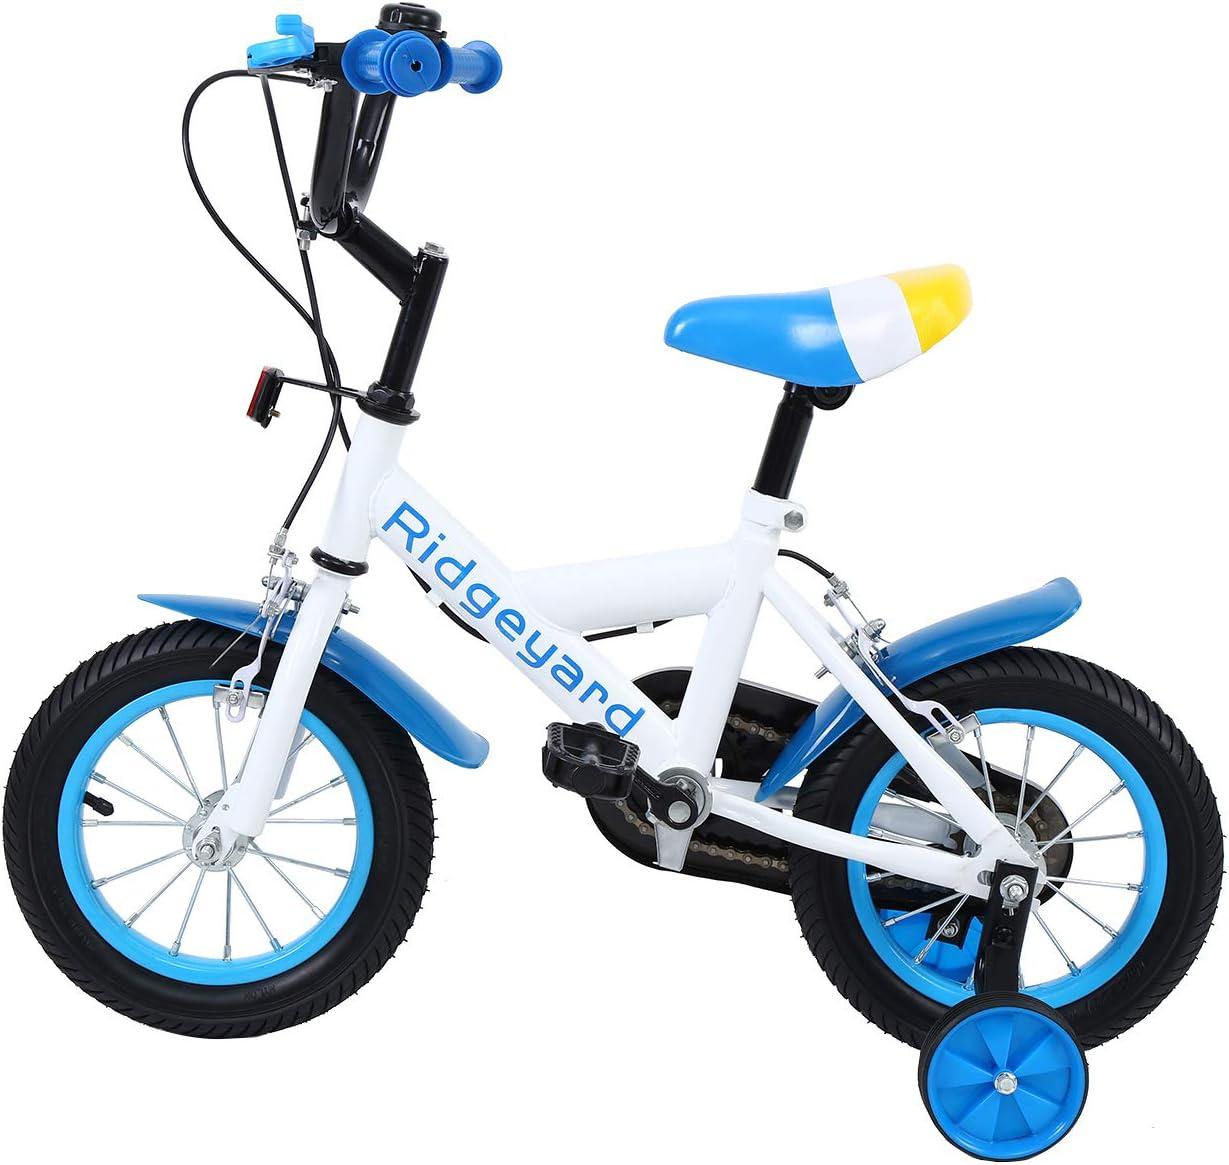 MuGuang 12 Pulgadas Bicicleta Infantil Estudio Aprendizaje Montar a Caballo Bicicleta niños niñas Bicicleta con ruedines con Campana por 3-6 años (Azul): Amazon.es: Deportes y aire libre